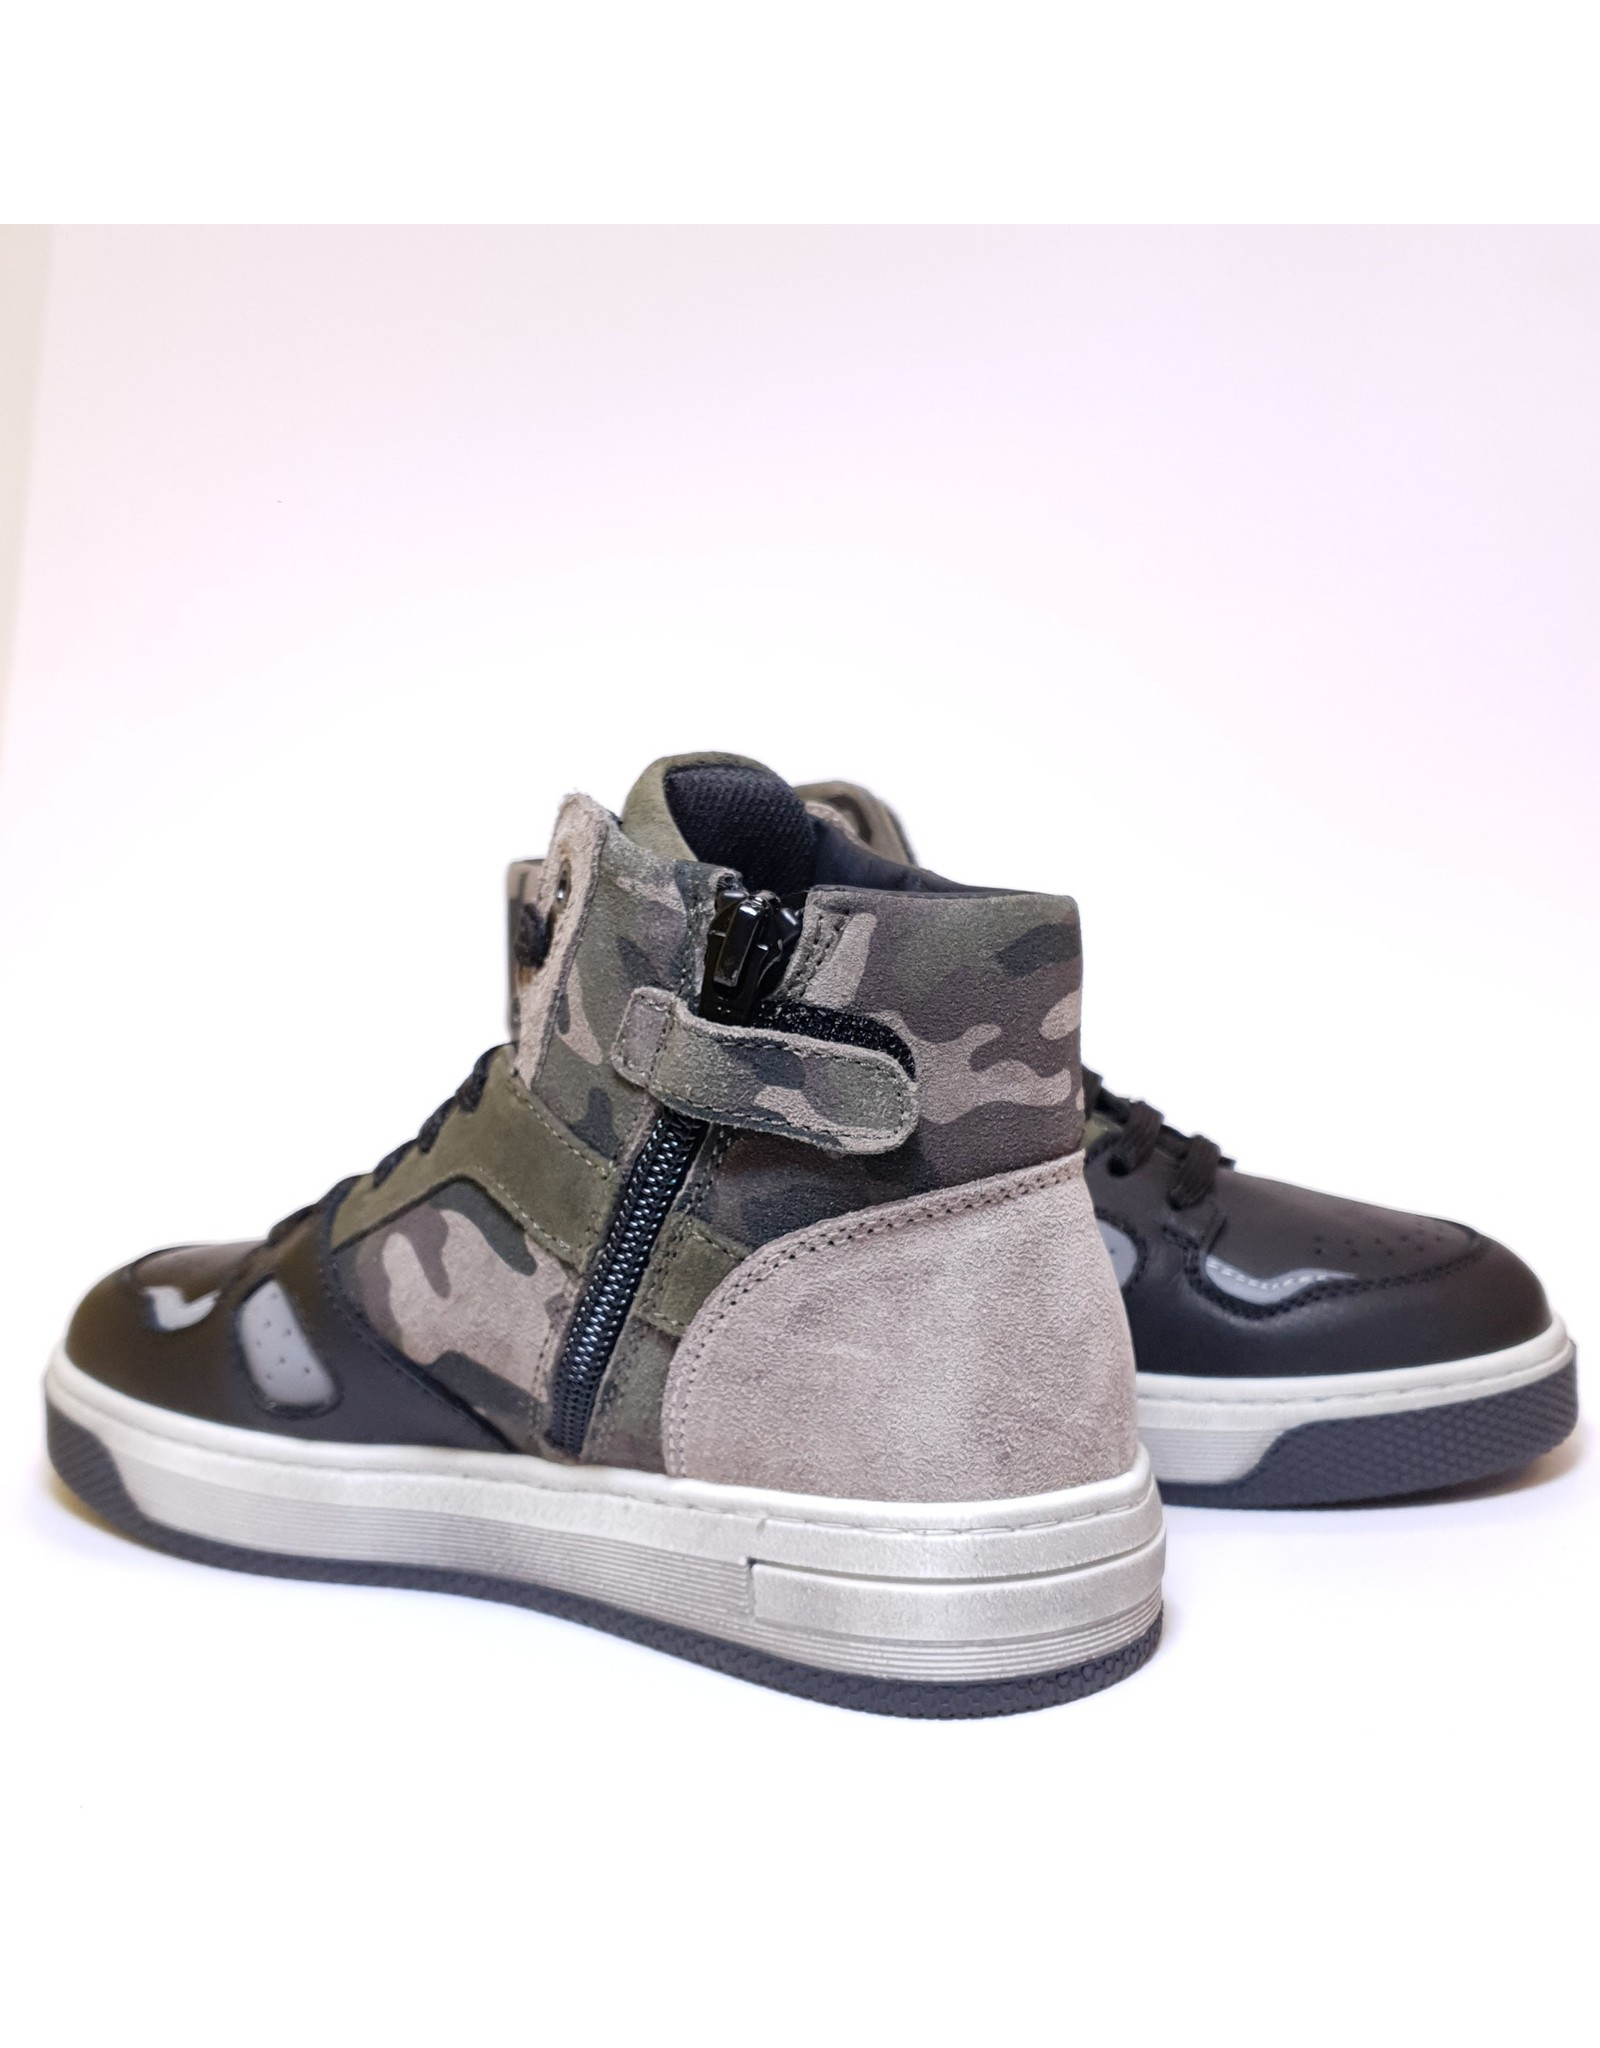 Andrea Morelli sneaker black camouflage